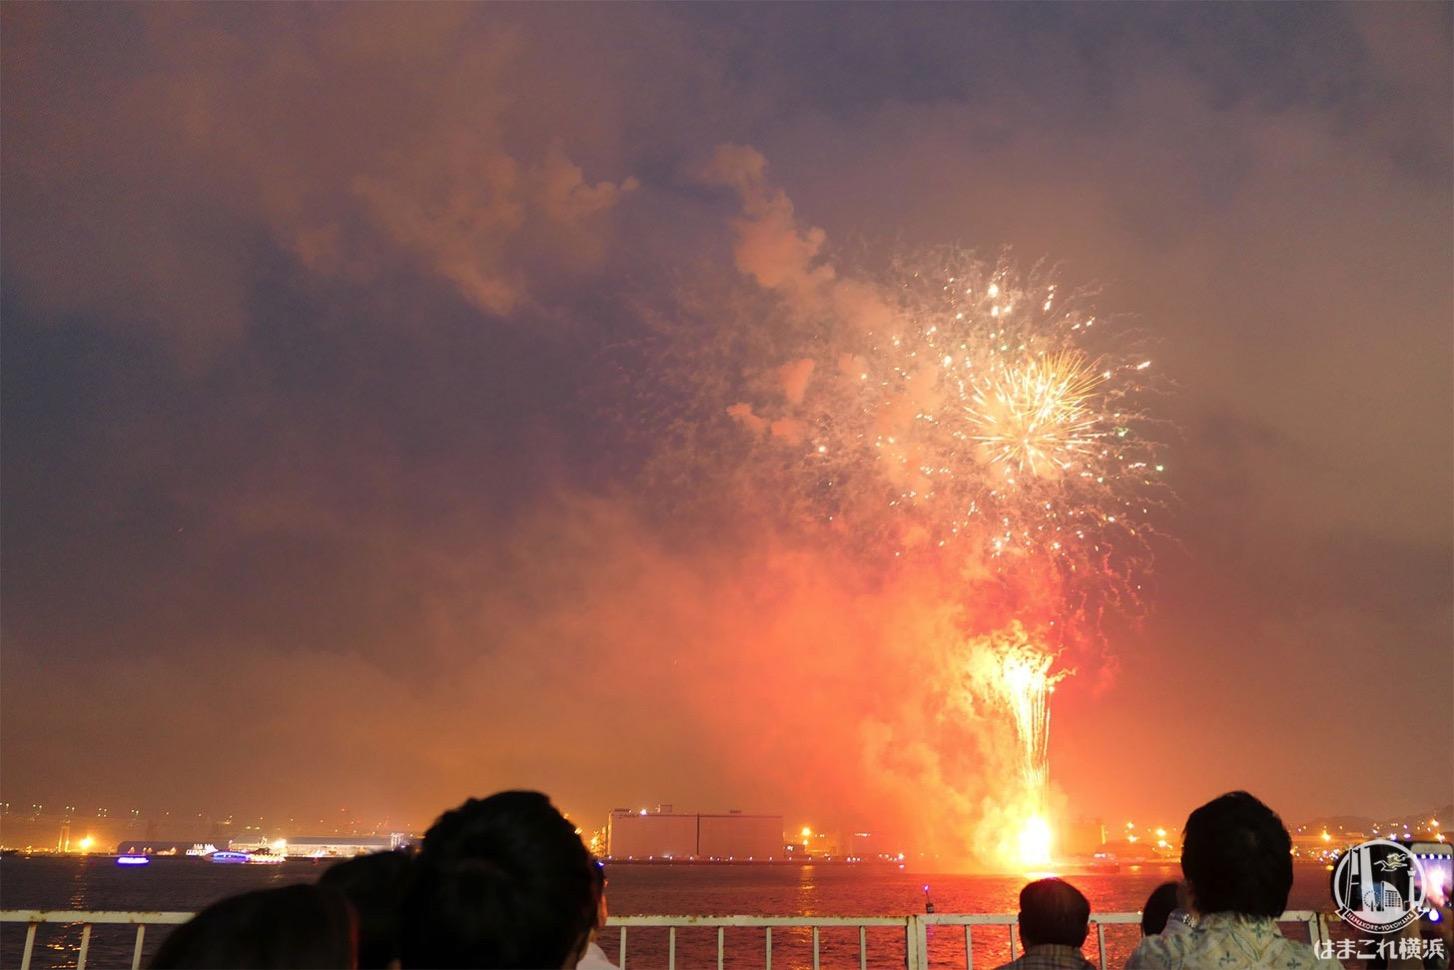 横浜スパークリングトワイライト 大さん橋 ペア席から見た打ち上げ花火